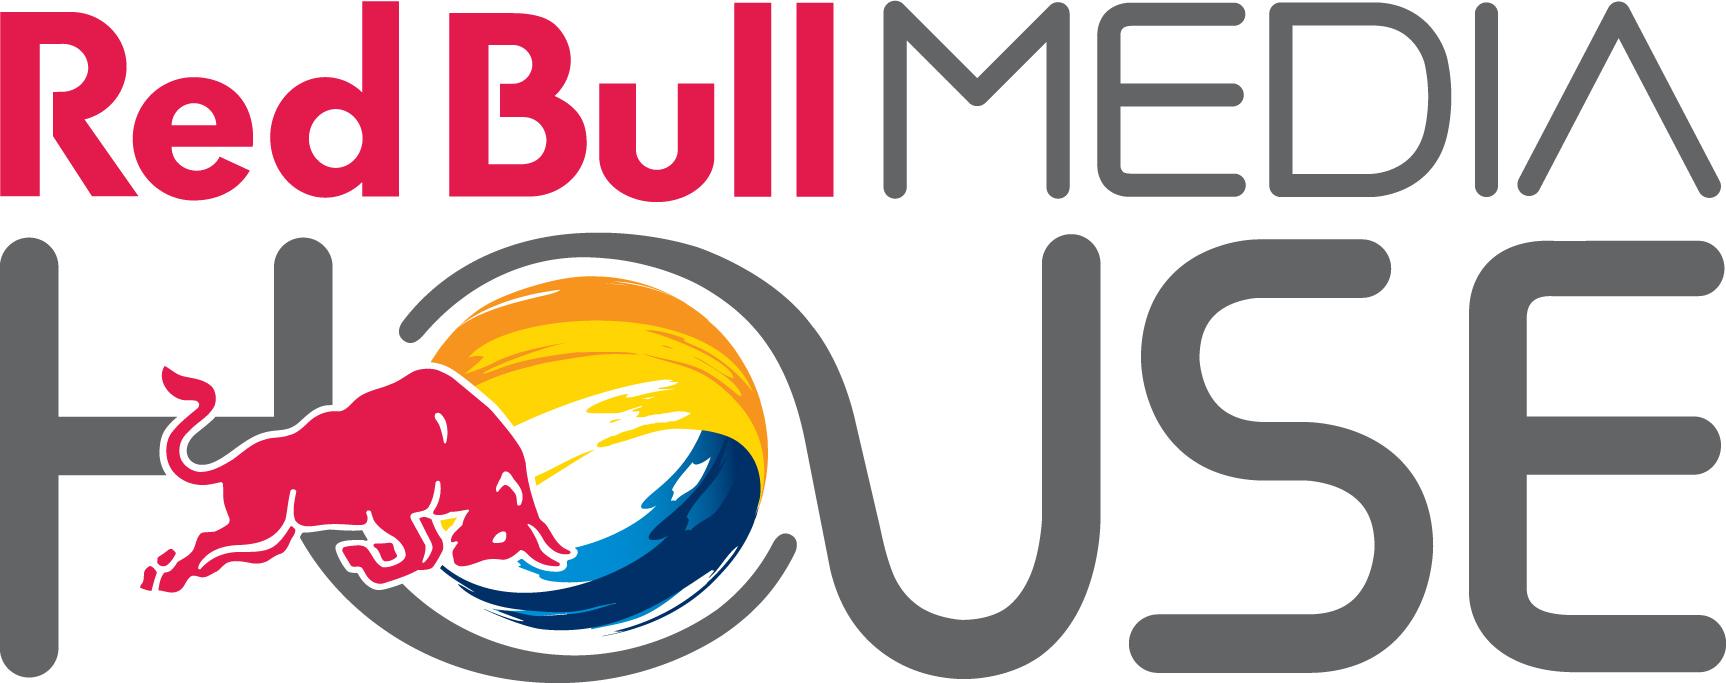 Red Bull Media Logo